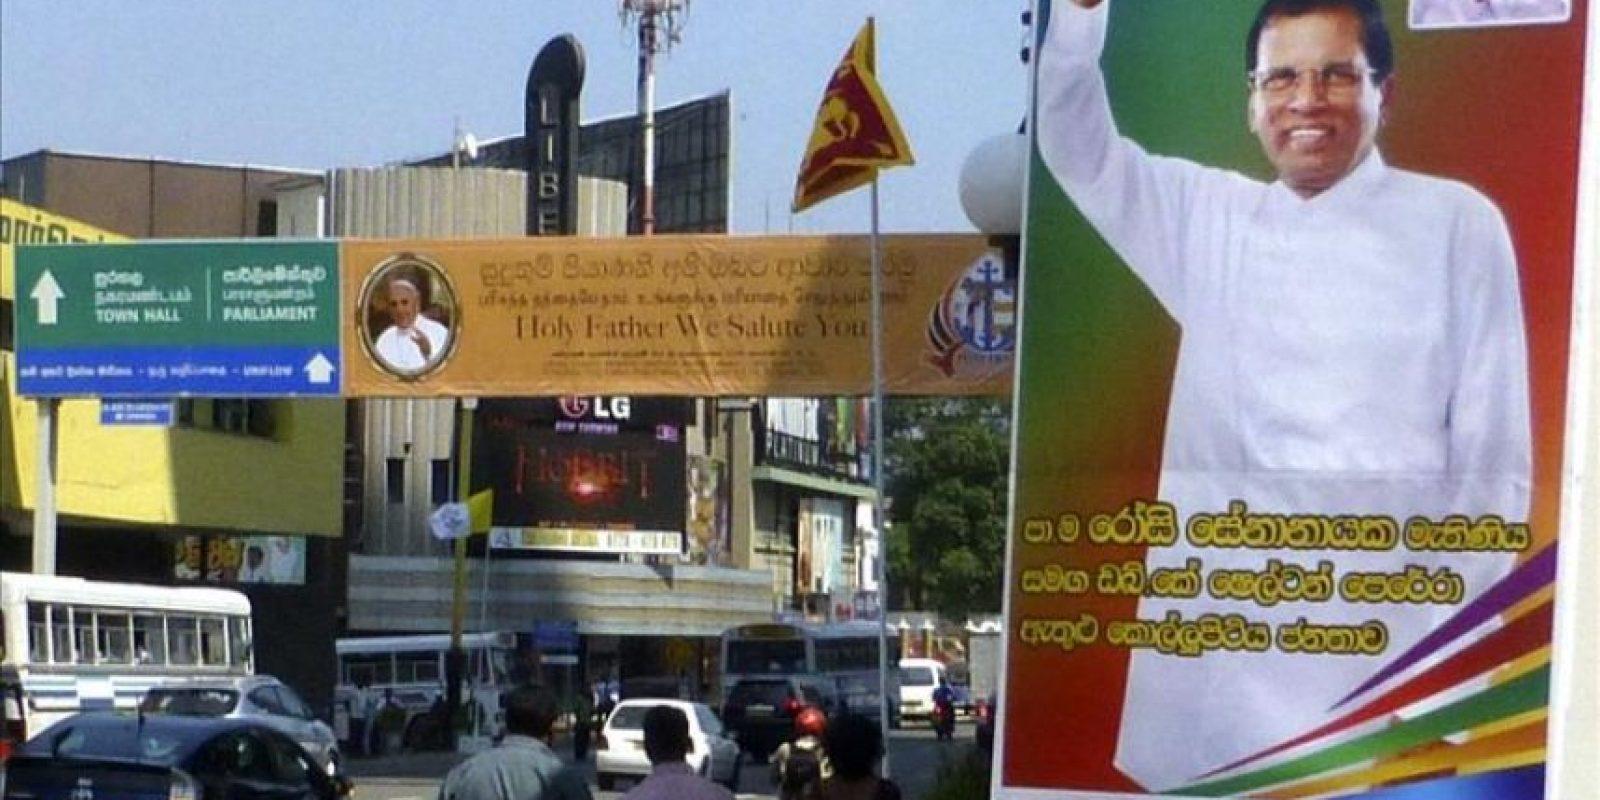 Un cartel da la bienvenida al papa Francisco en una calle de Colombo, ayer, 12 de enero, junto a un cartel del nuevo presidente Maithirpala Sirisena. EFE